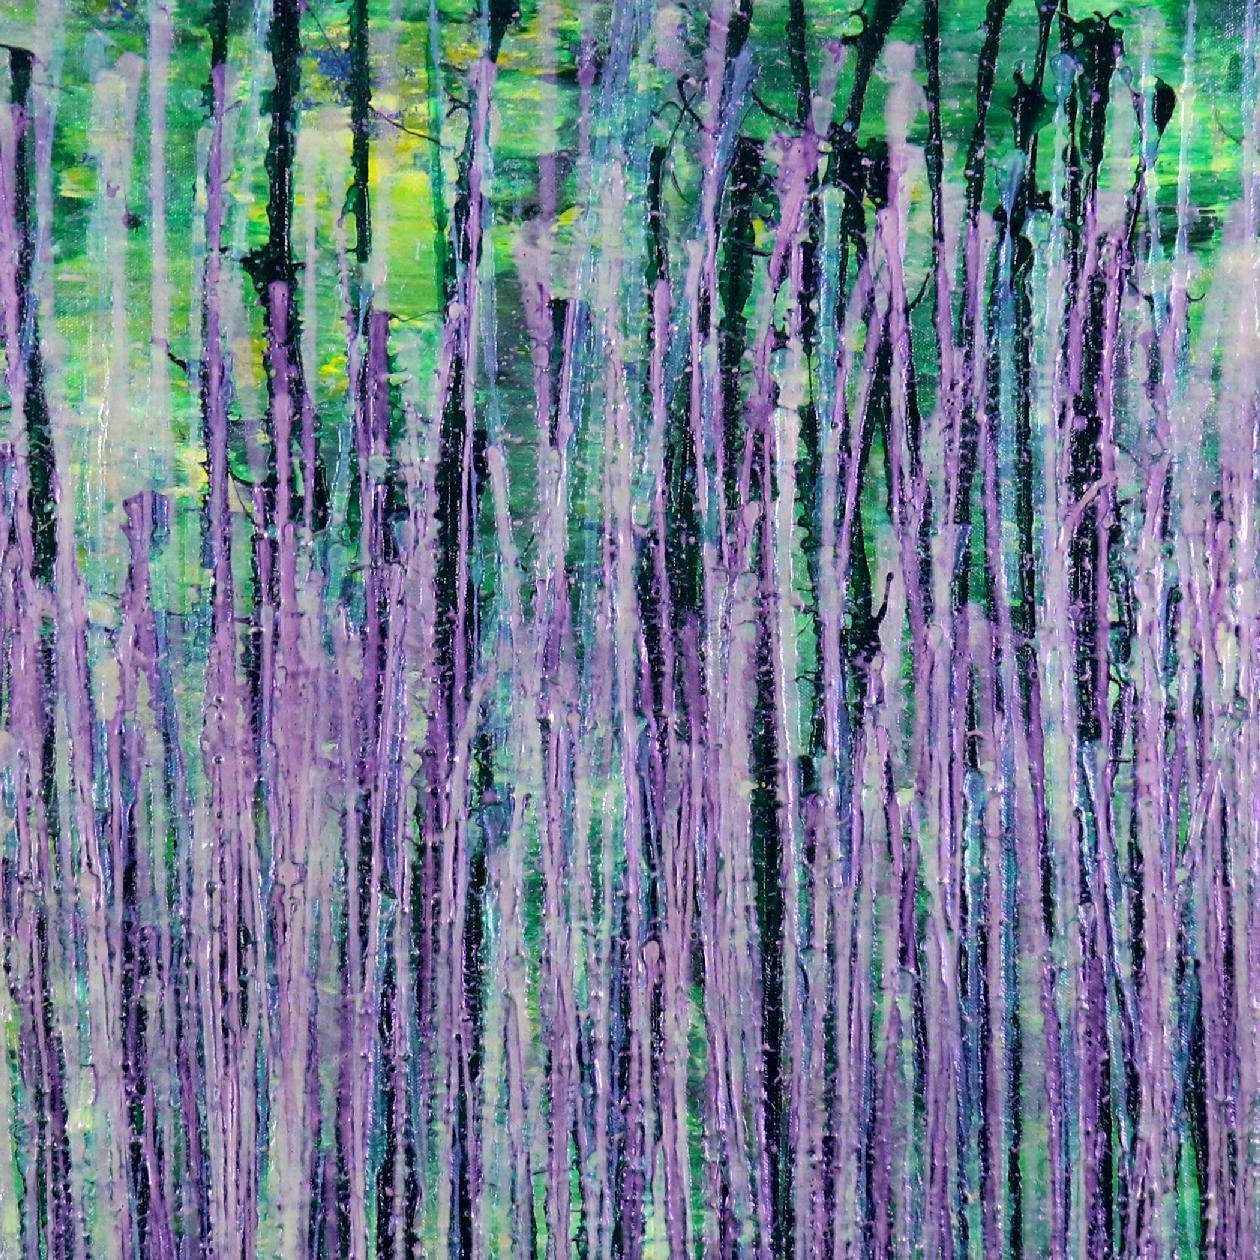 Detail - Natures Synergy (Blinding Lights) 2 (2020) by Nestor Toro